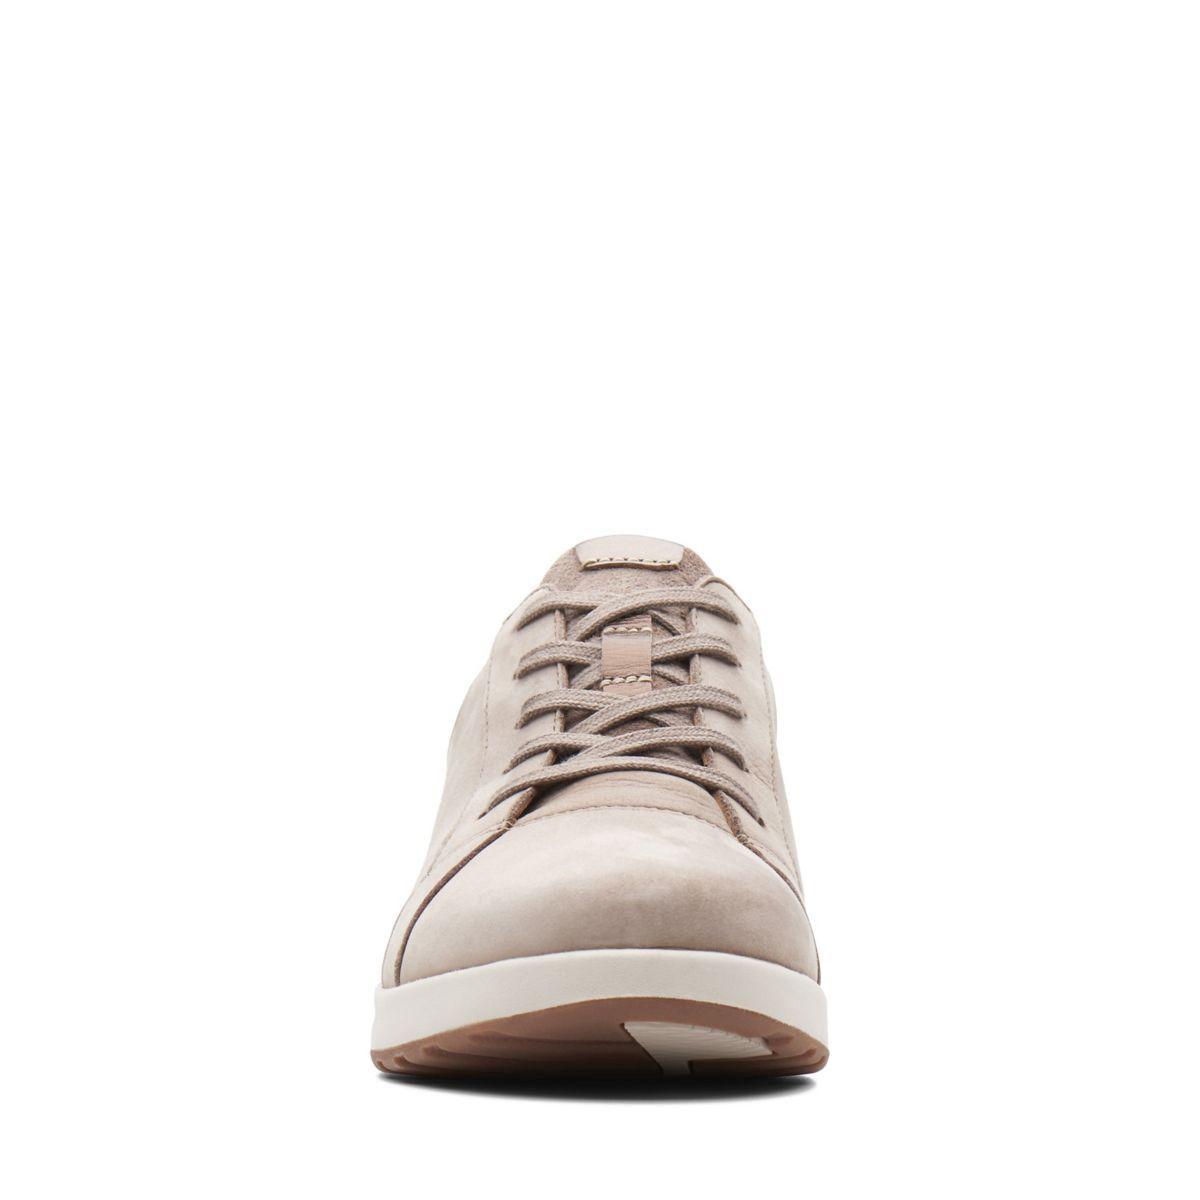 8d34d1fb0 Clarks Un Adorn Lace - Womens Shoes Pebble 11 E (Wide)  womenshoes ...